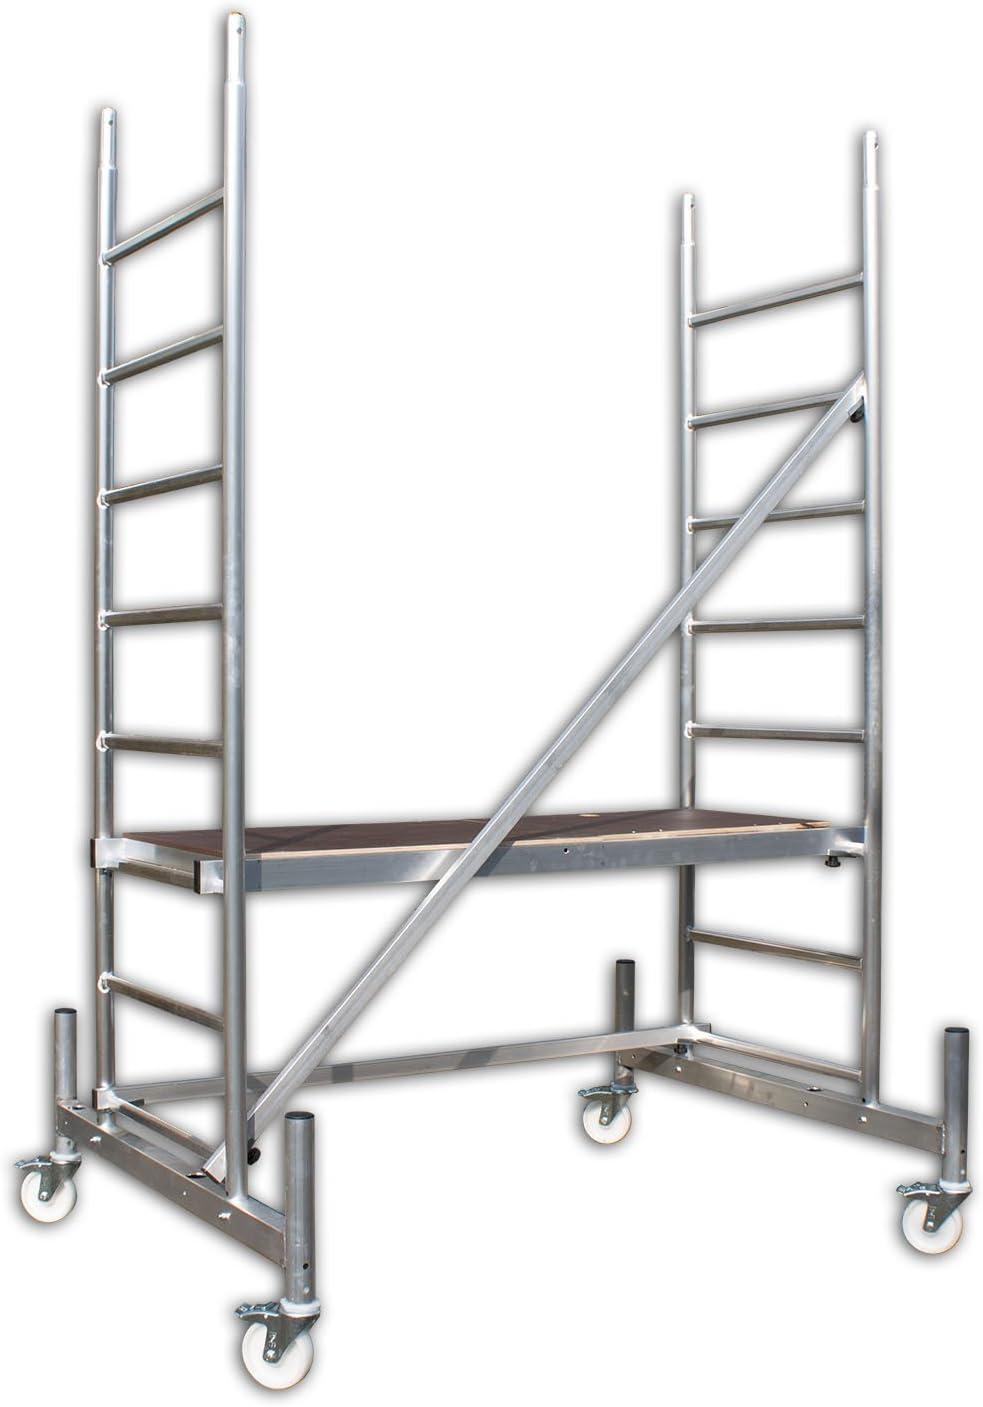 Arbeitsh/öhe 3 m neu ALTEC Rollfix 300 Rollen und Fahrtraverse inkl T/ÜV-gepr/üft